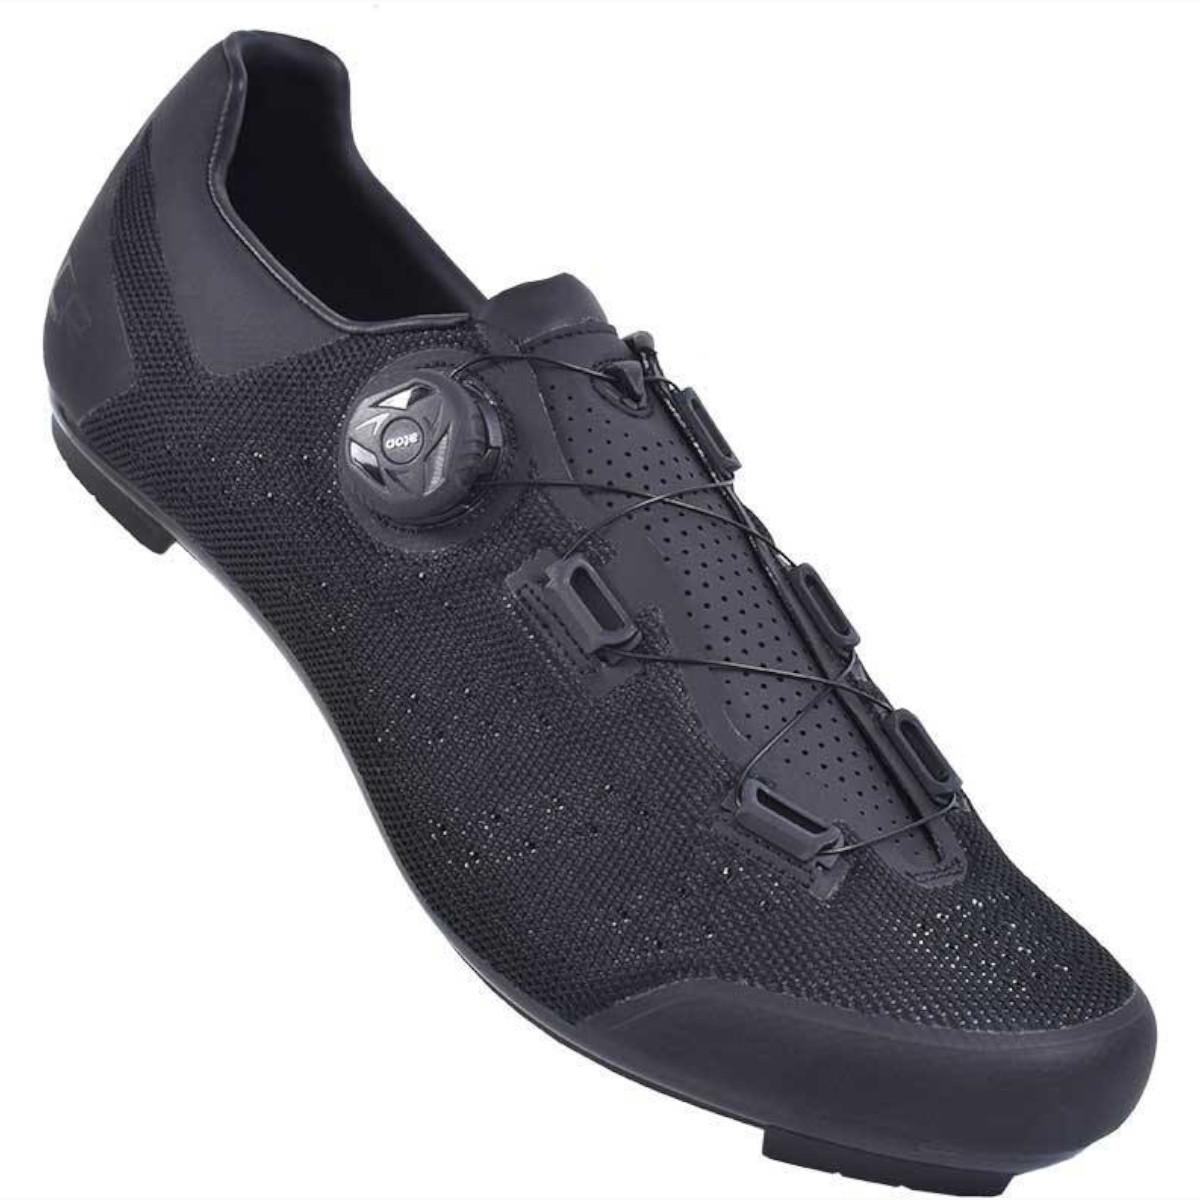 Sapatilha de Ciclismo Speed FLR Speed F-11 Knit Preta